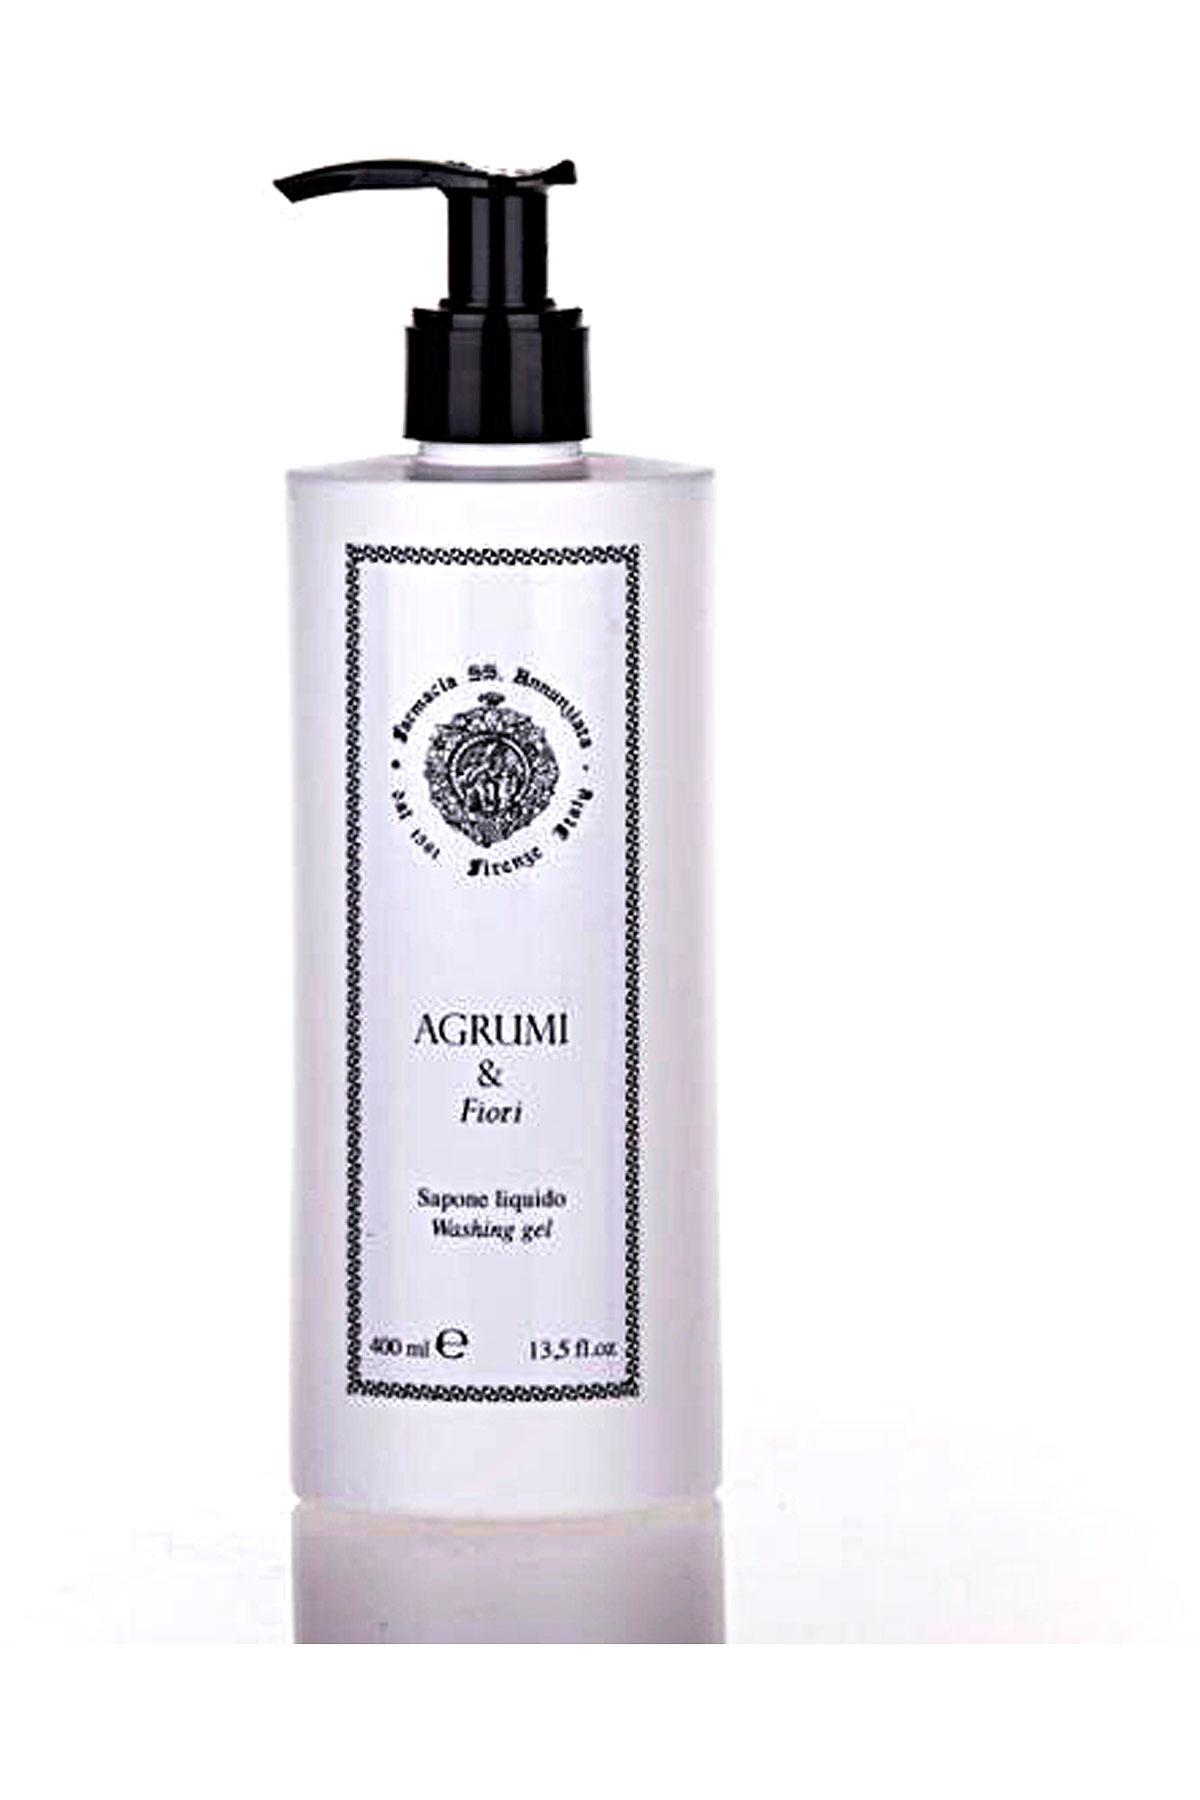 Farmacia Ss Annunziata 1561 Beauty for Men On Sale, Agrumi E Fiori - Liquid Soap - 400 Ml, 2019, 400 ml